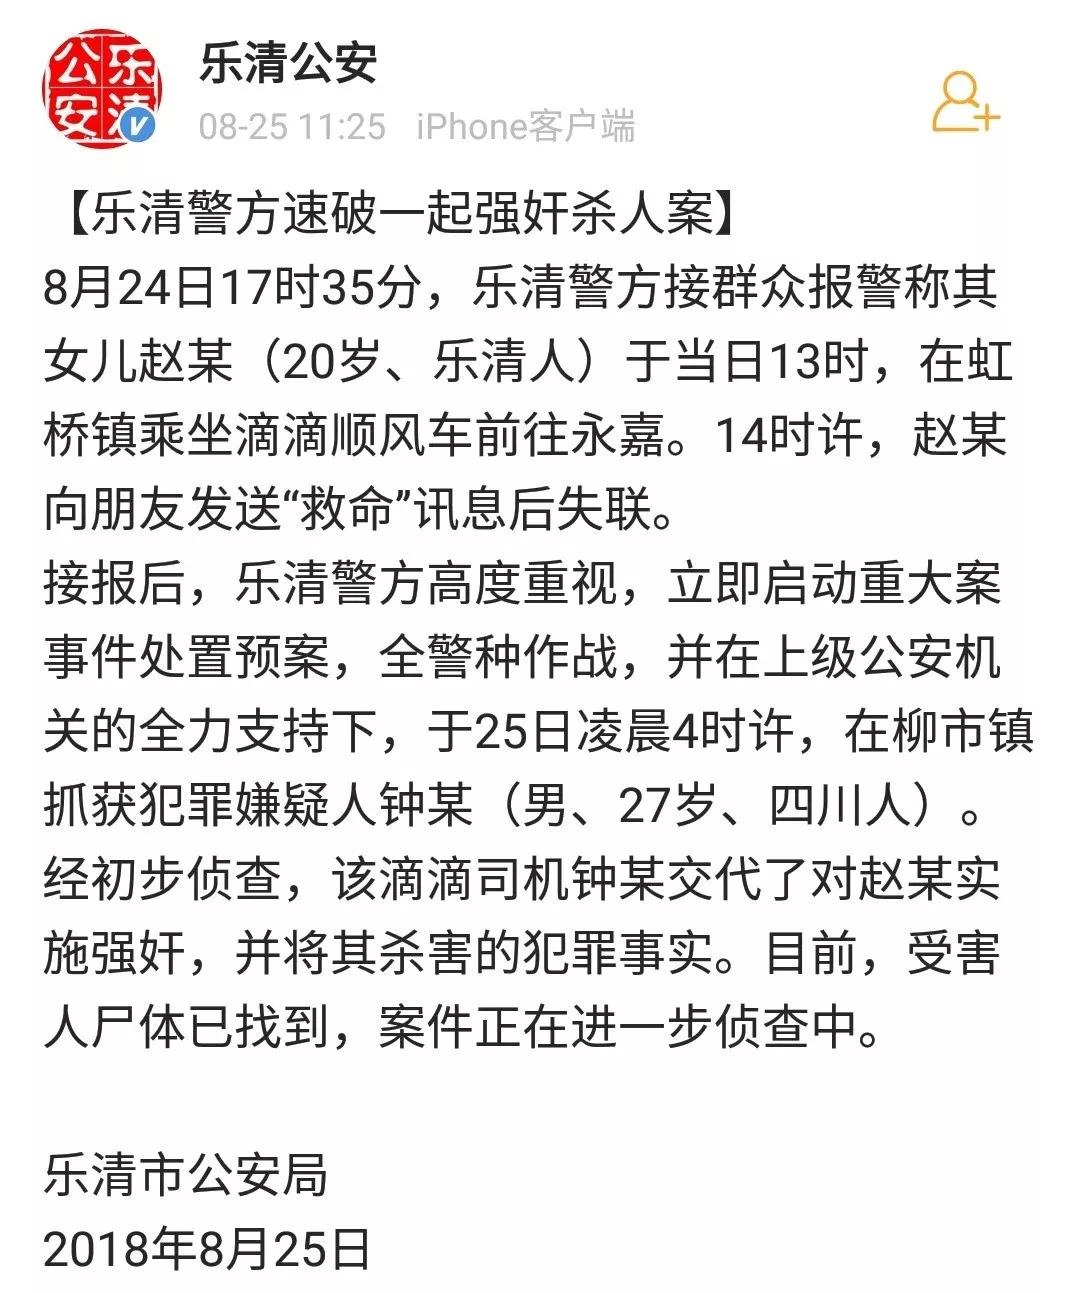 视频曝光 浙江20岁女孩坐滴滴顺风车被奸杀 滴滴暂停浙江区域顺风车业务